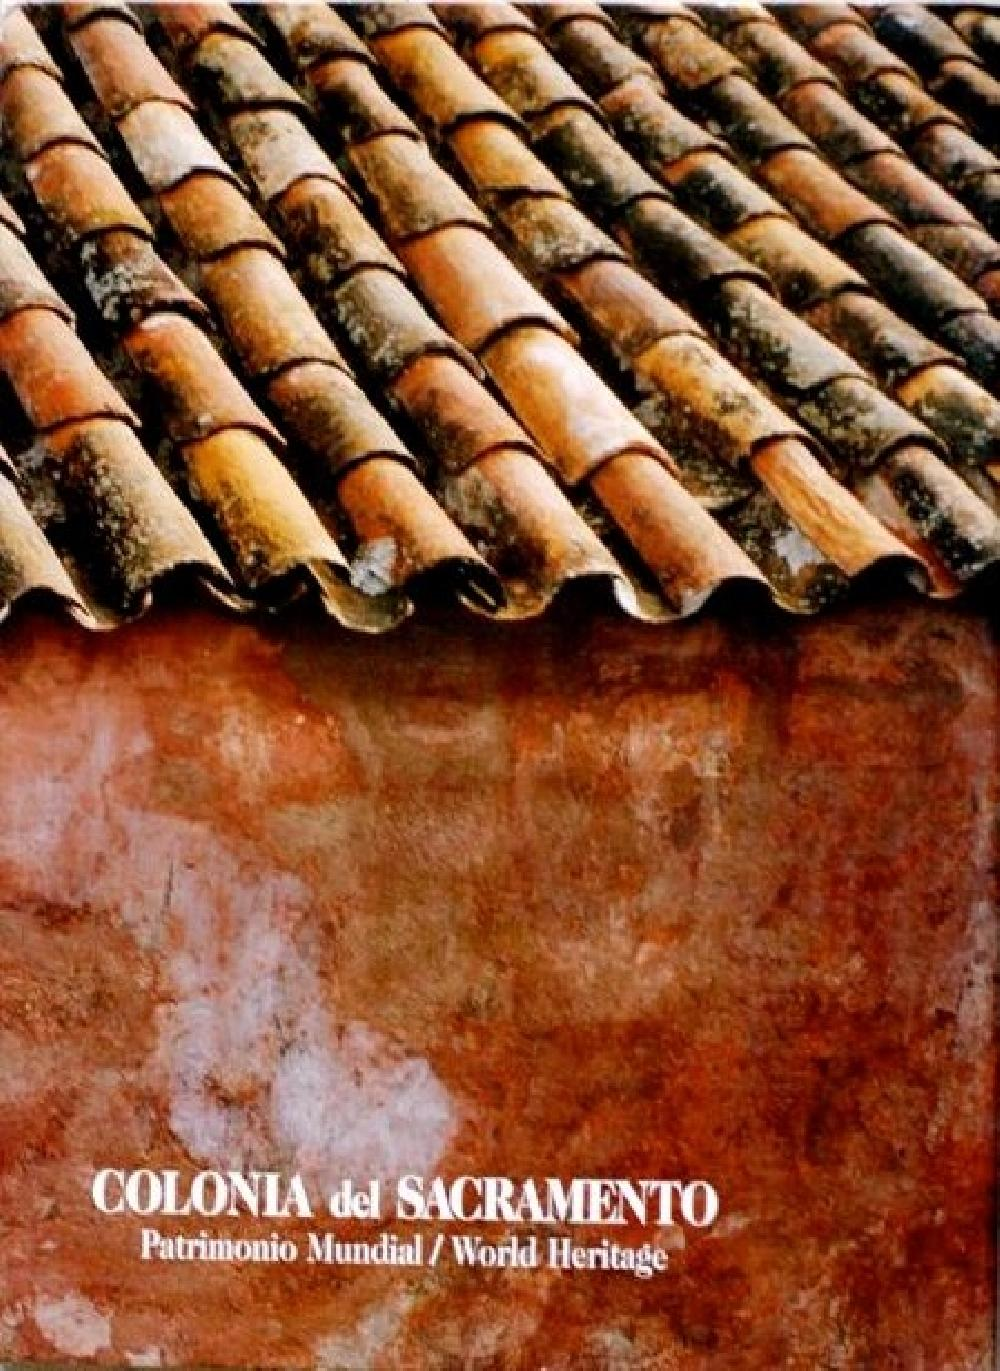 Colonia Del Sacramento: A World Heritage